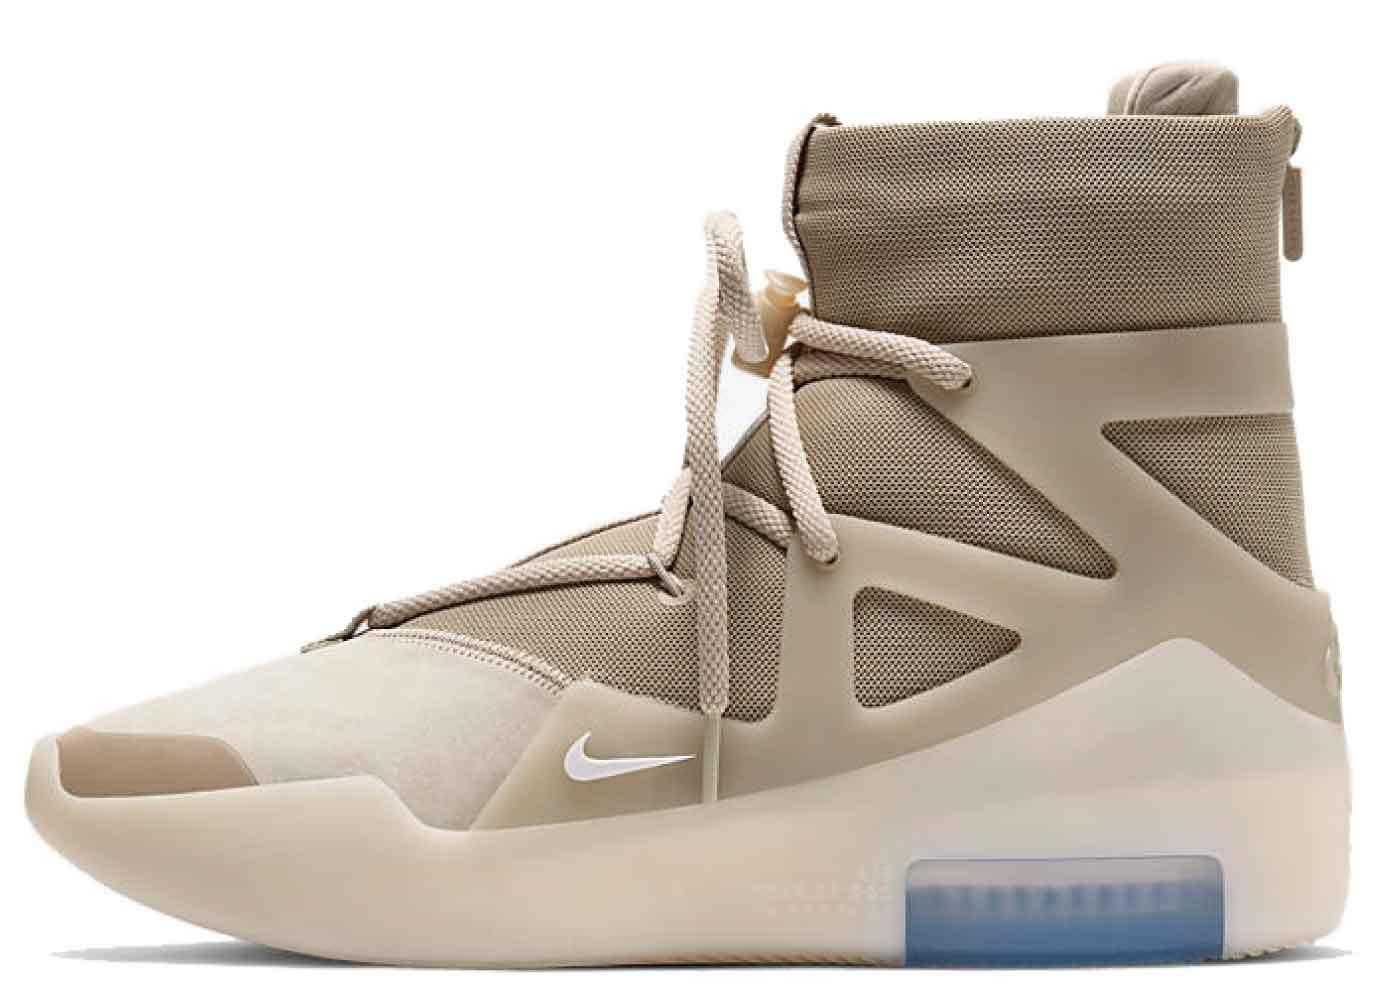 Nike Air Fear of God 1 Oatmealの写真